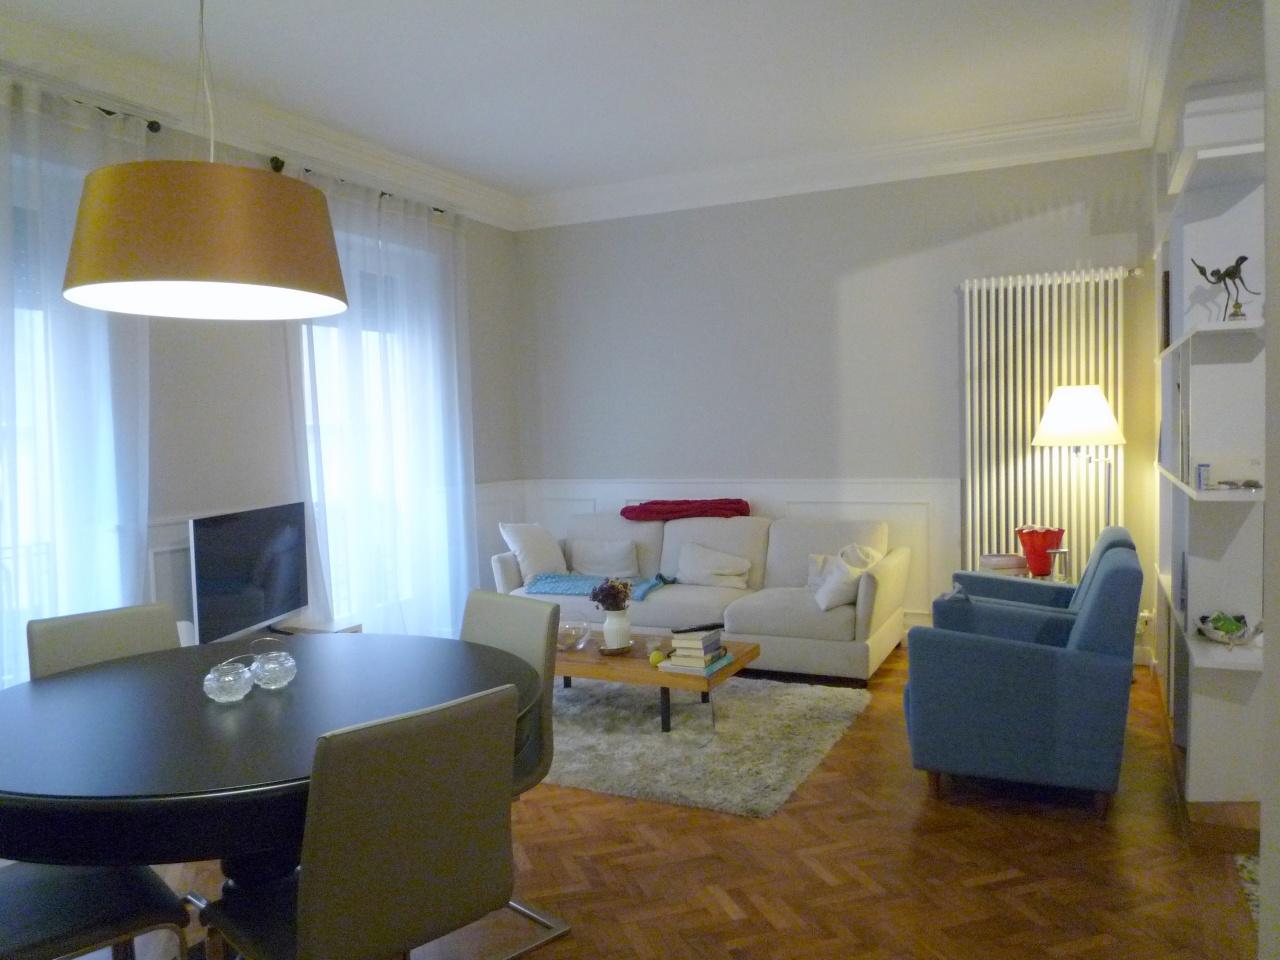 affitto appartamento treviso centro storico  1000 euro  90 mq